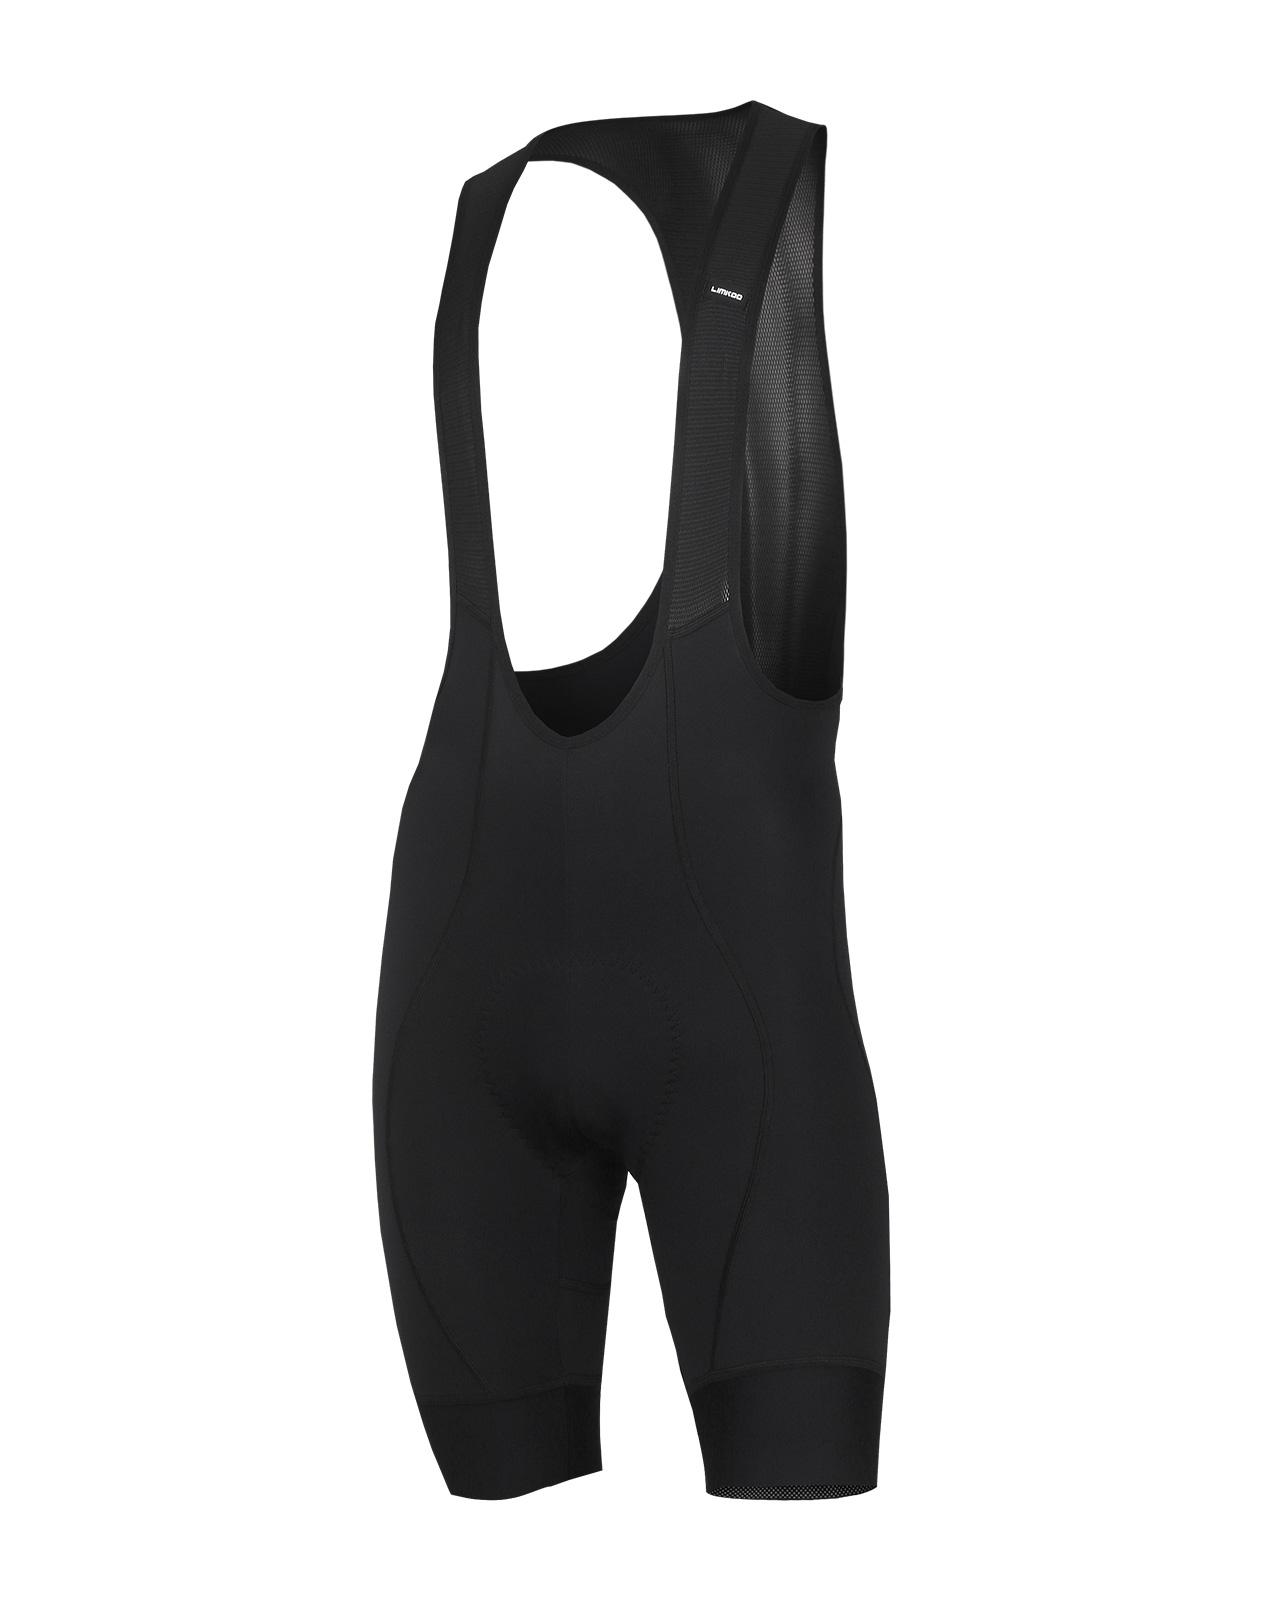 Alto in bici V3-LYCRA COOLMAX Ciclismo Bib shorts